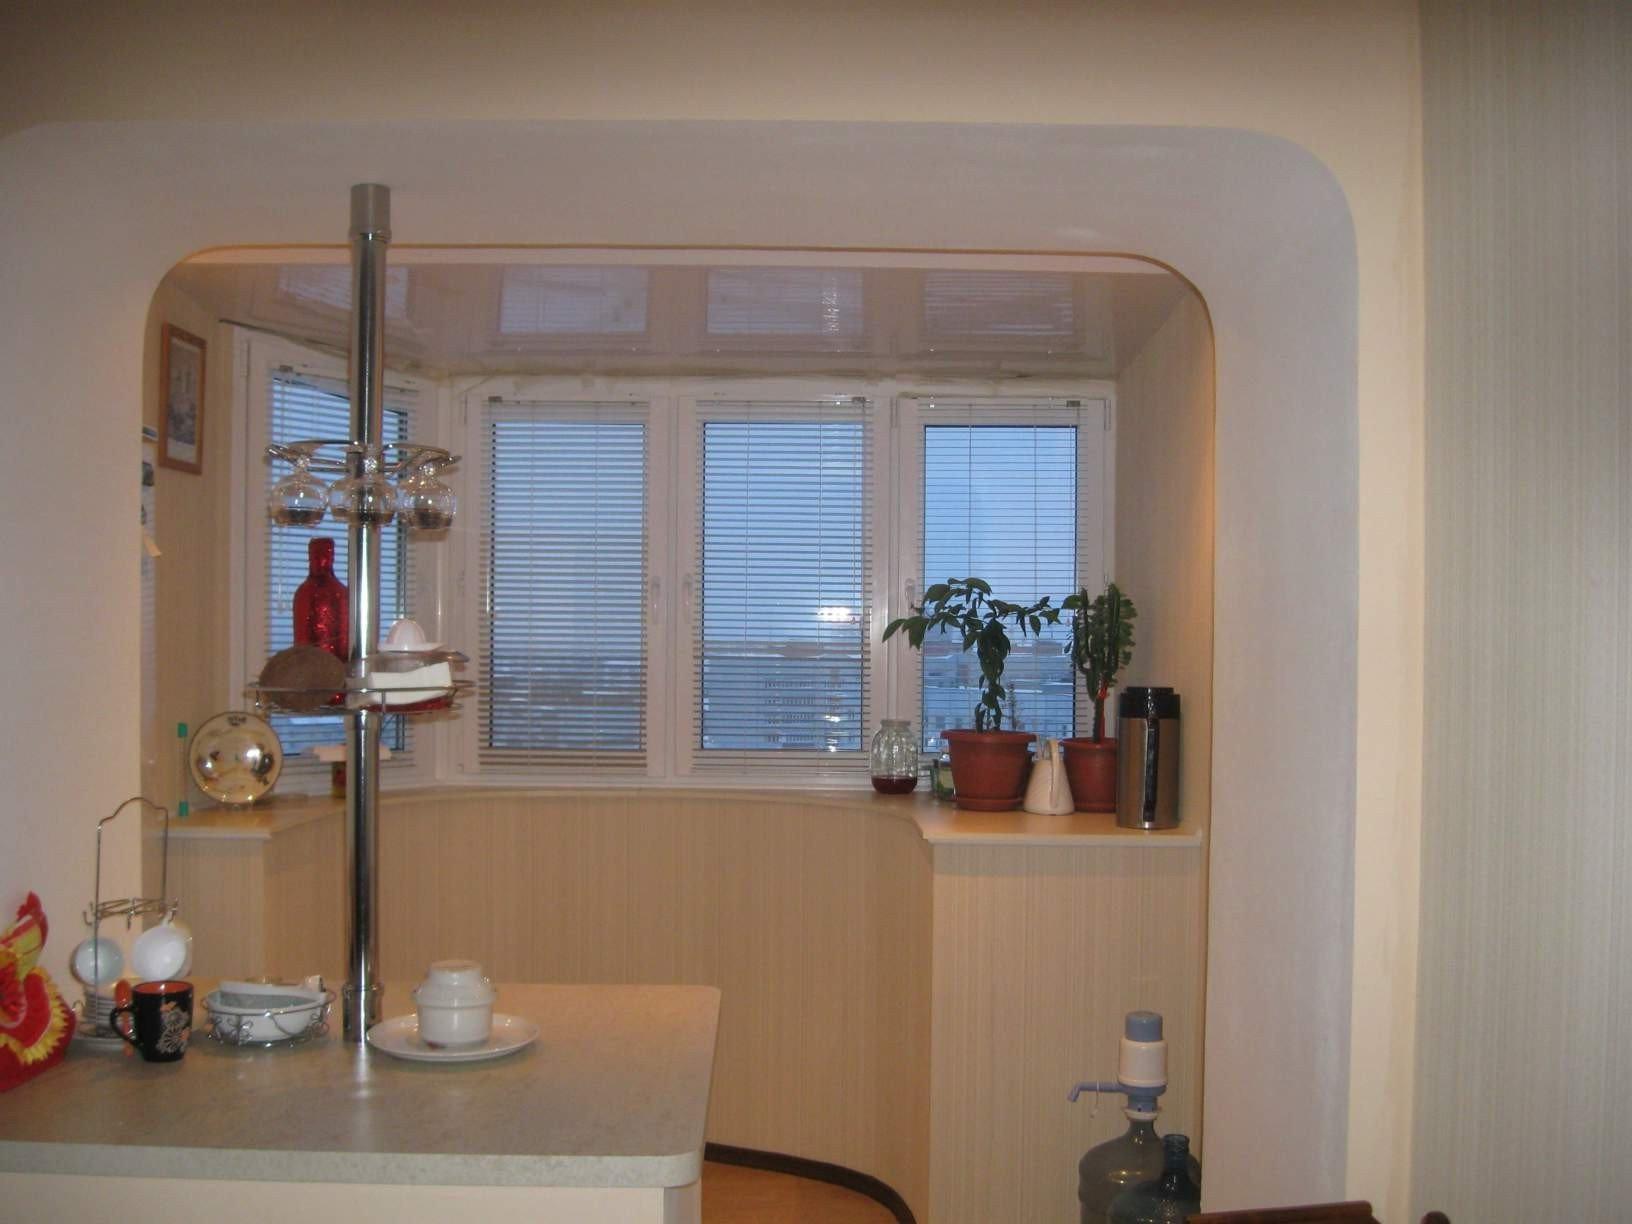 Объединение балконов или лоджий с комнатой или кухней, фото,.